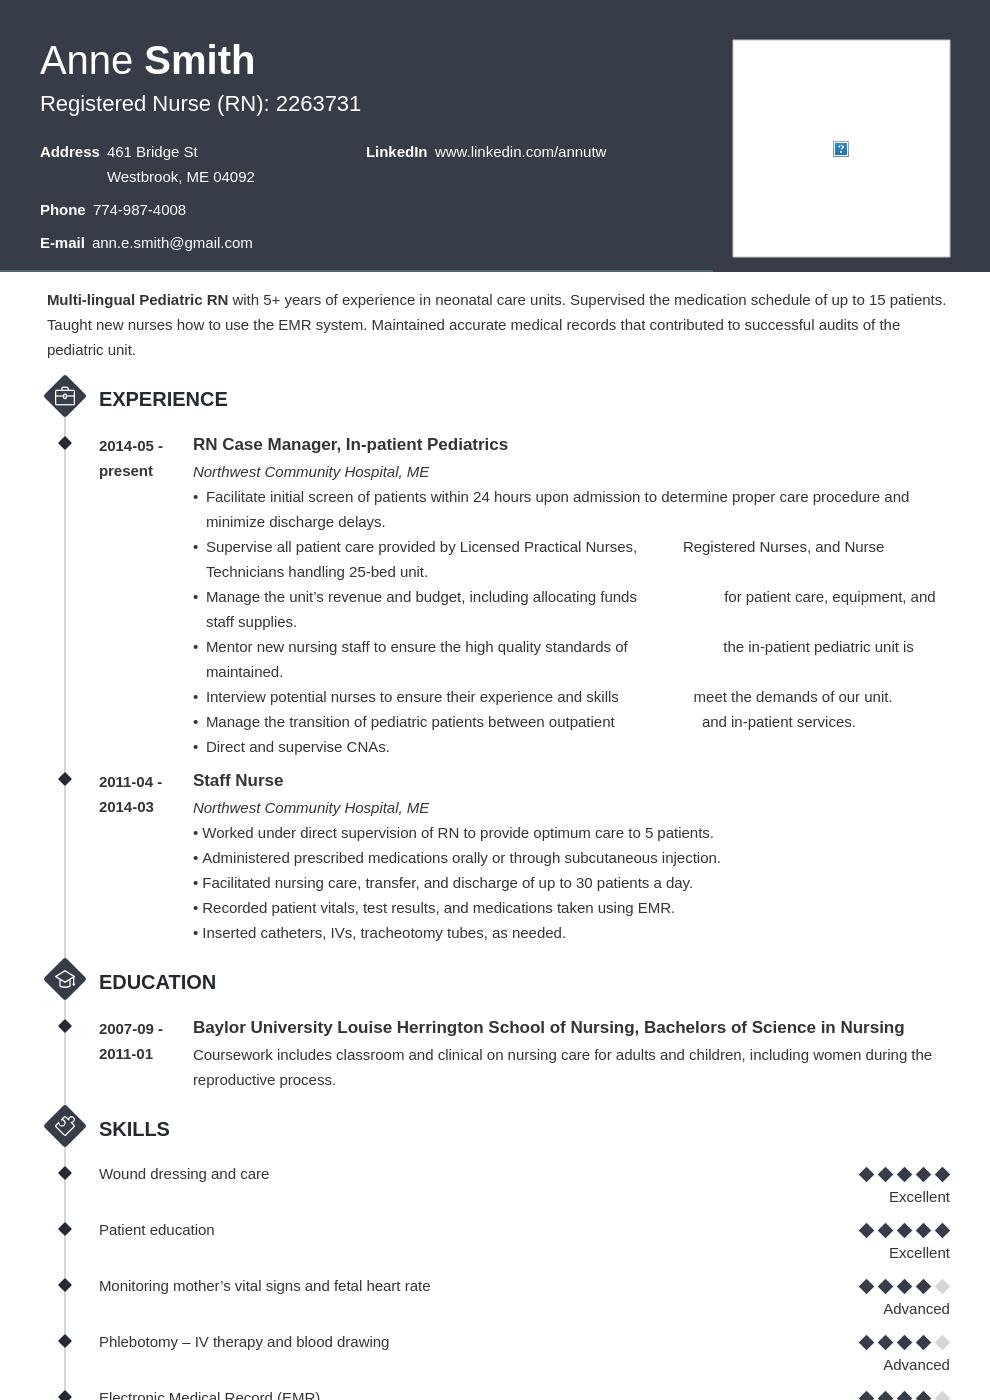 Nursing Resume Template 2020